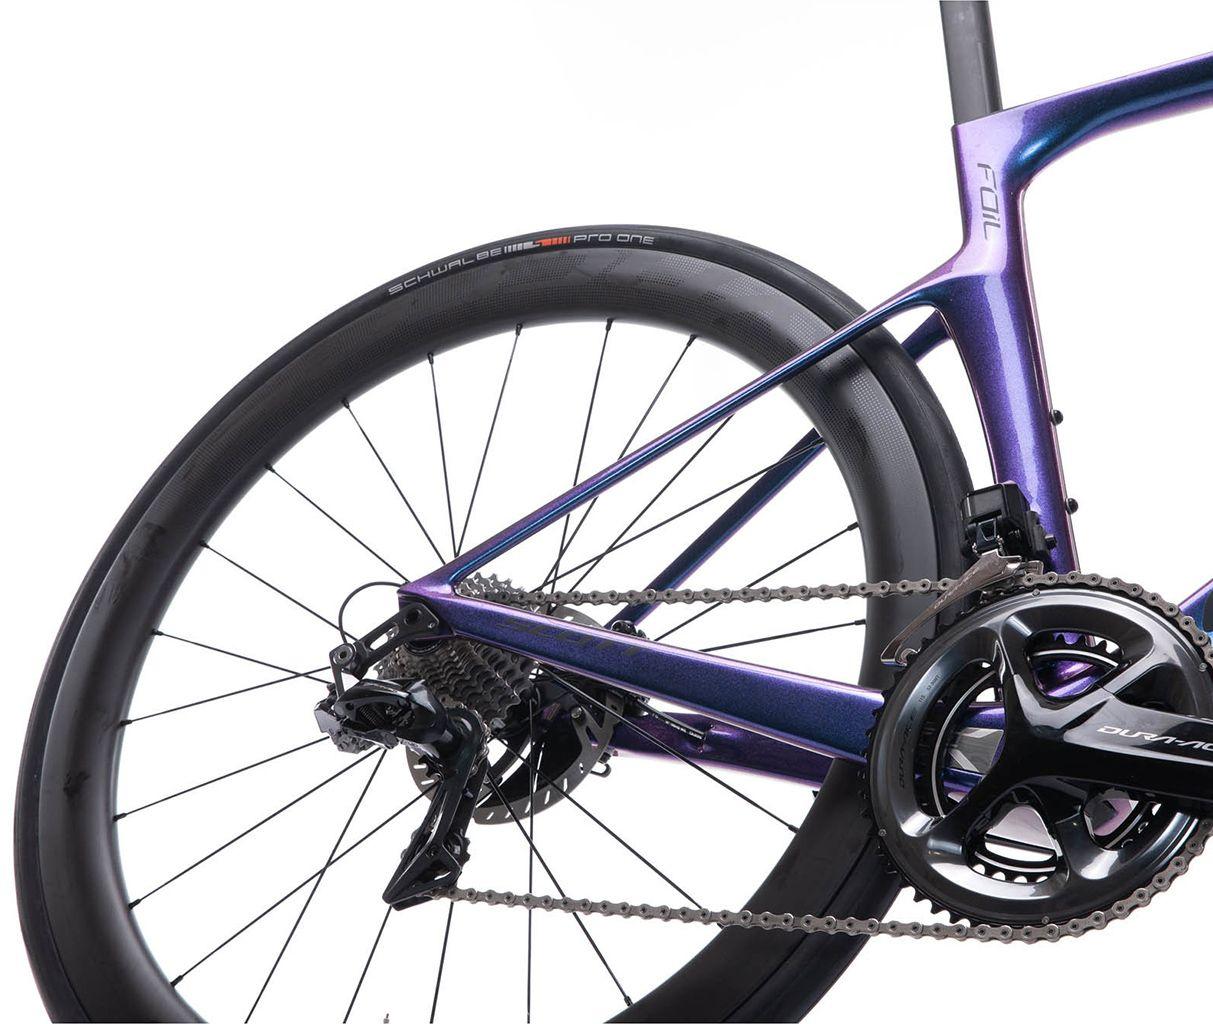 Bici strada Bicicletta Scott Foil Premium